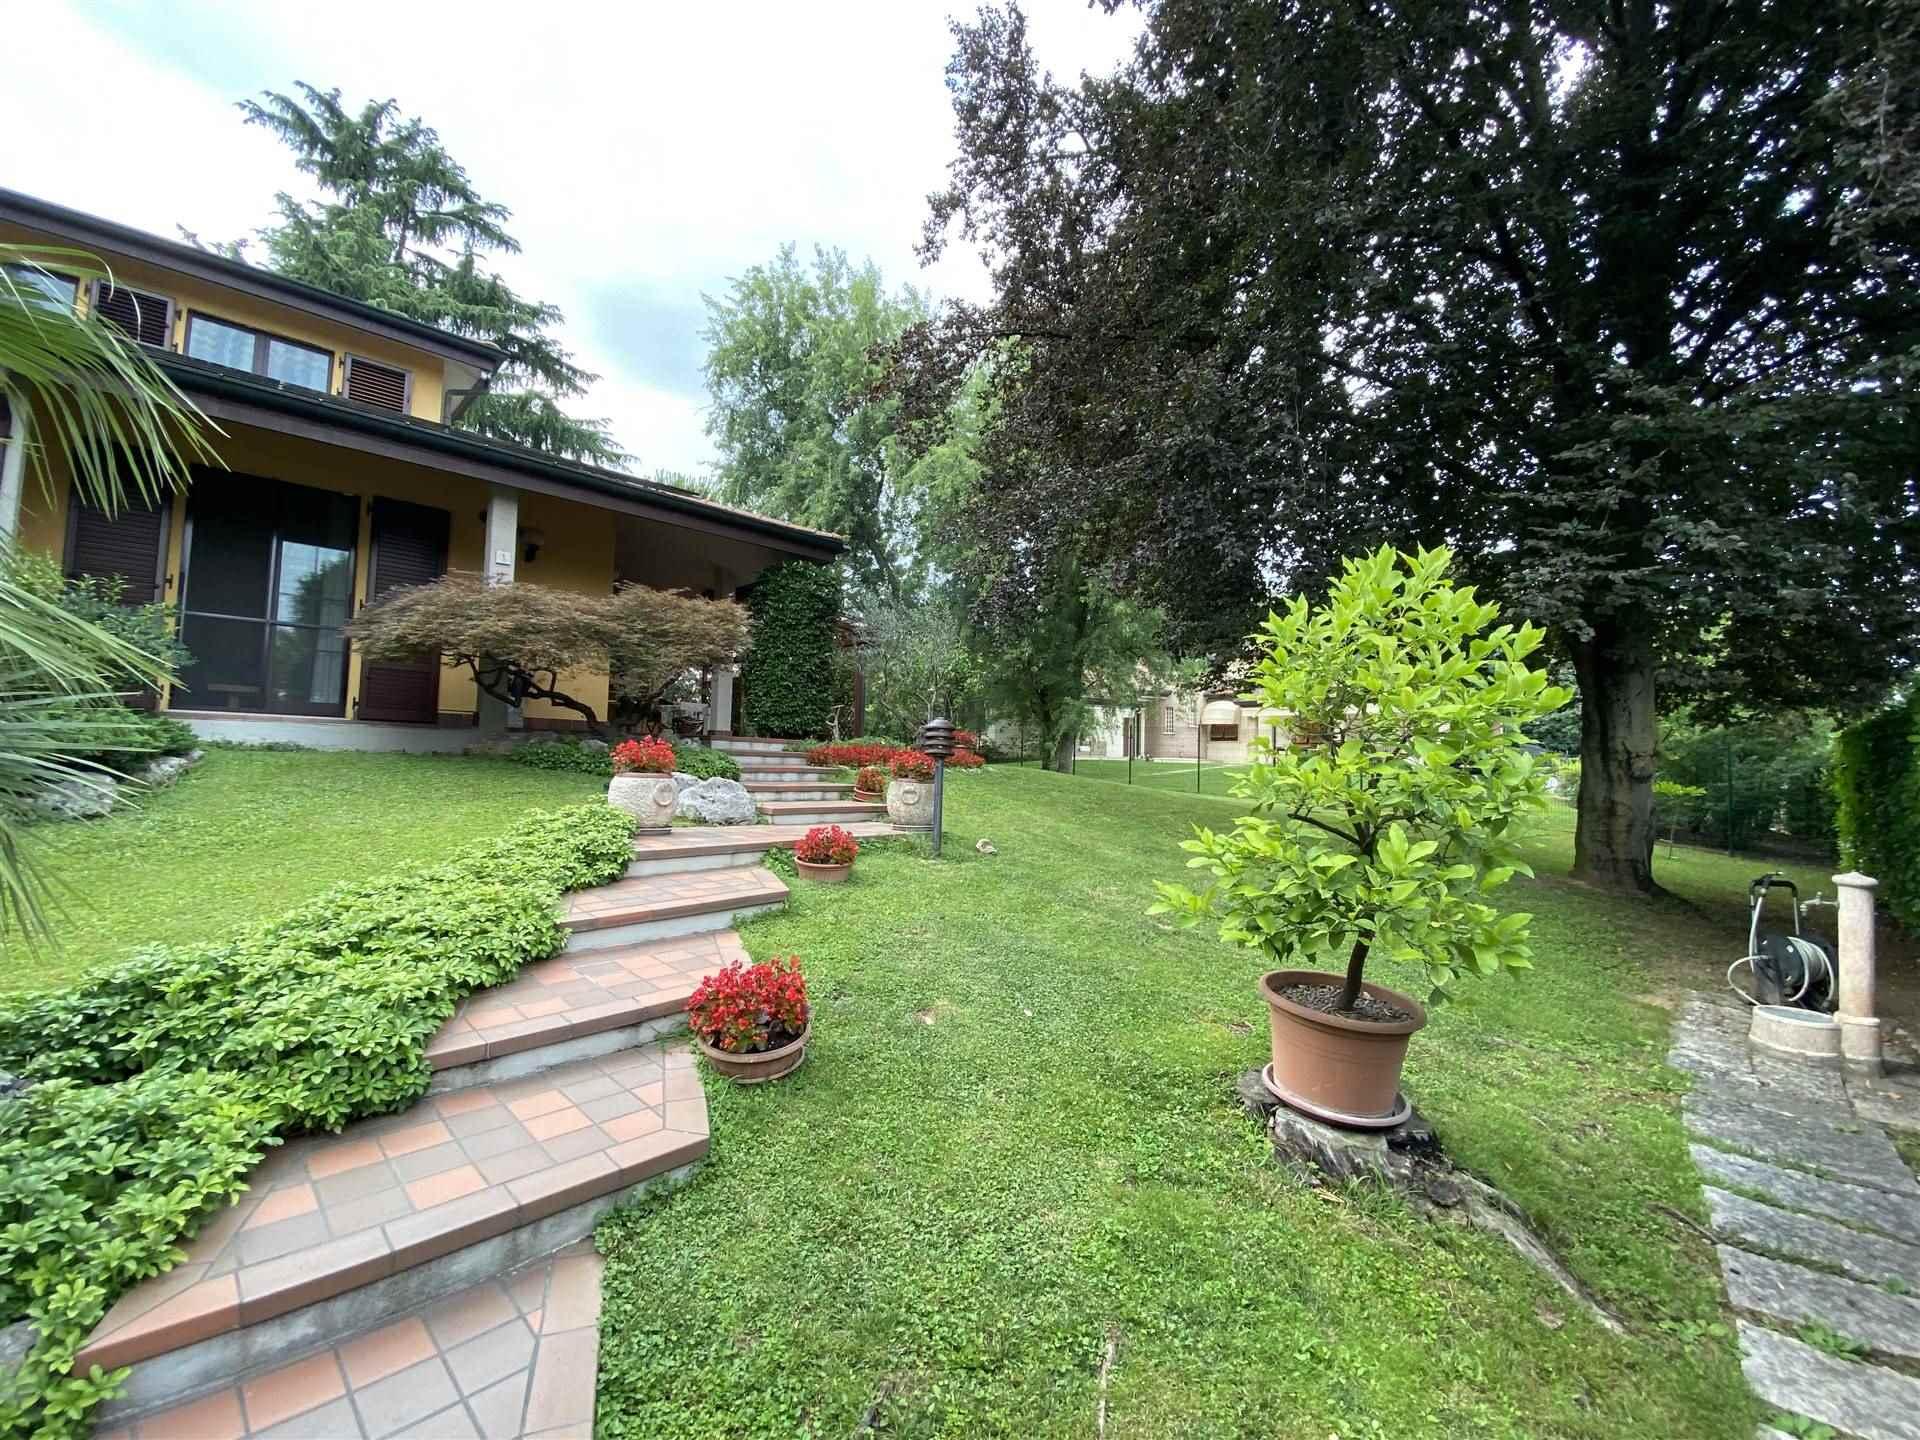 UBICAZIONE: Cassina de Pecchi - Zona Camporicco TIPOLOGIA: Villa singola - Ottima per due nuclei familiari DISPOSIZIONE: La villa, di ottima